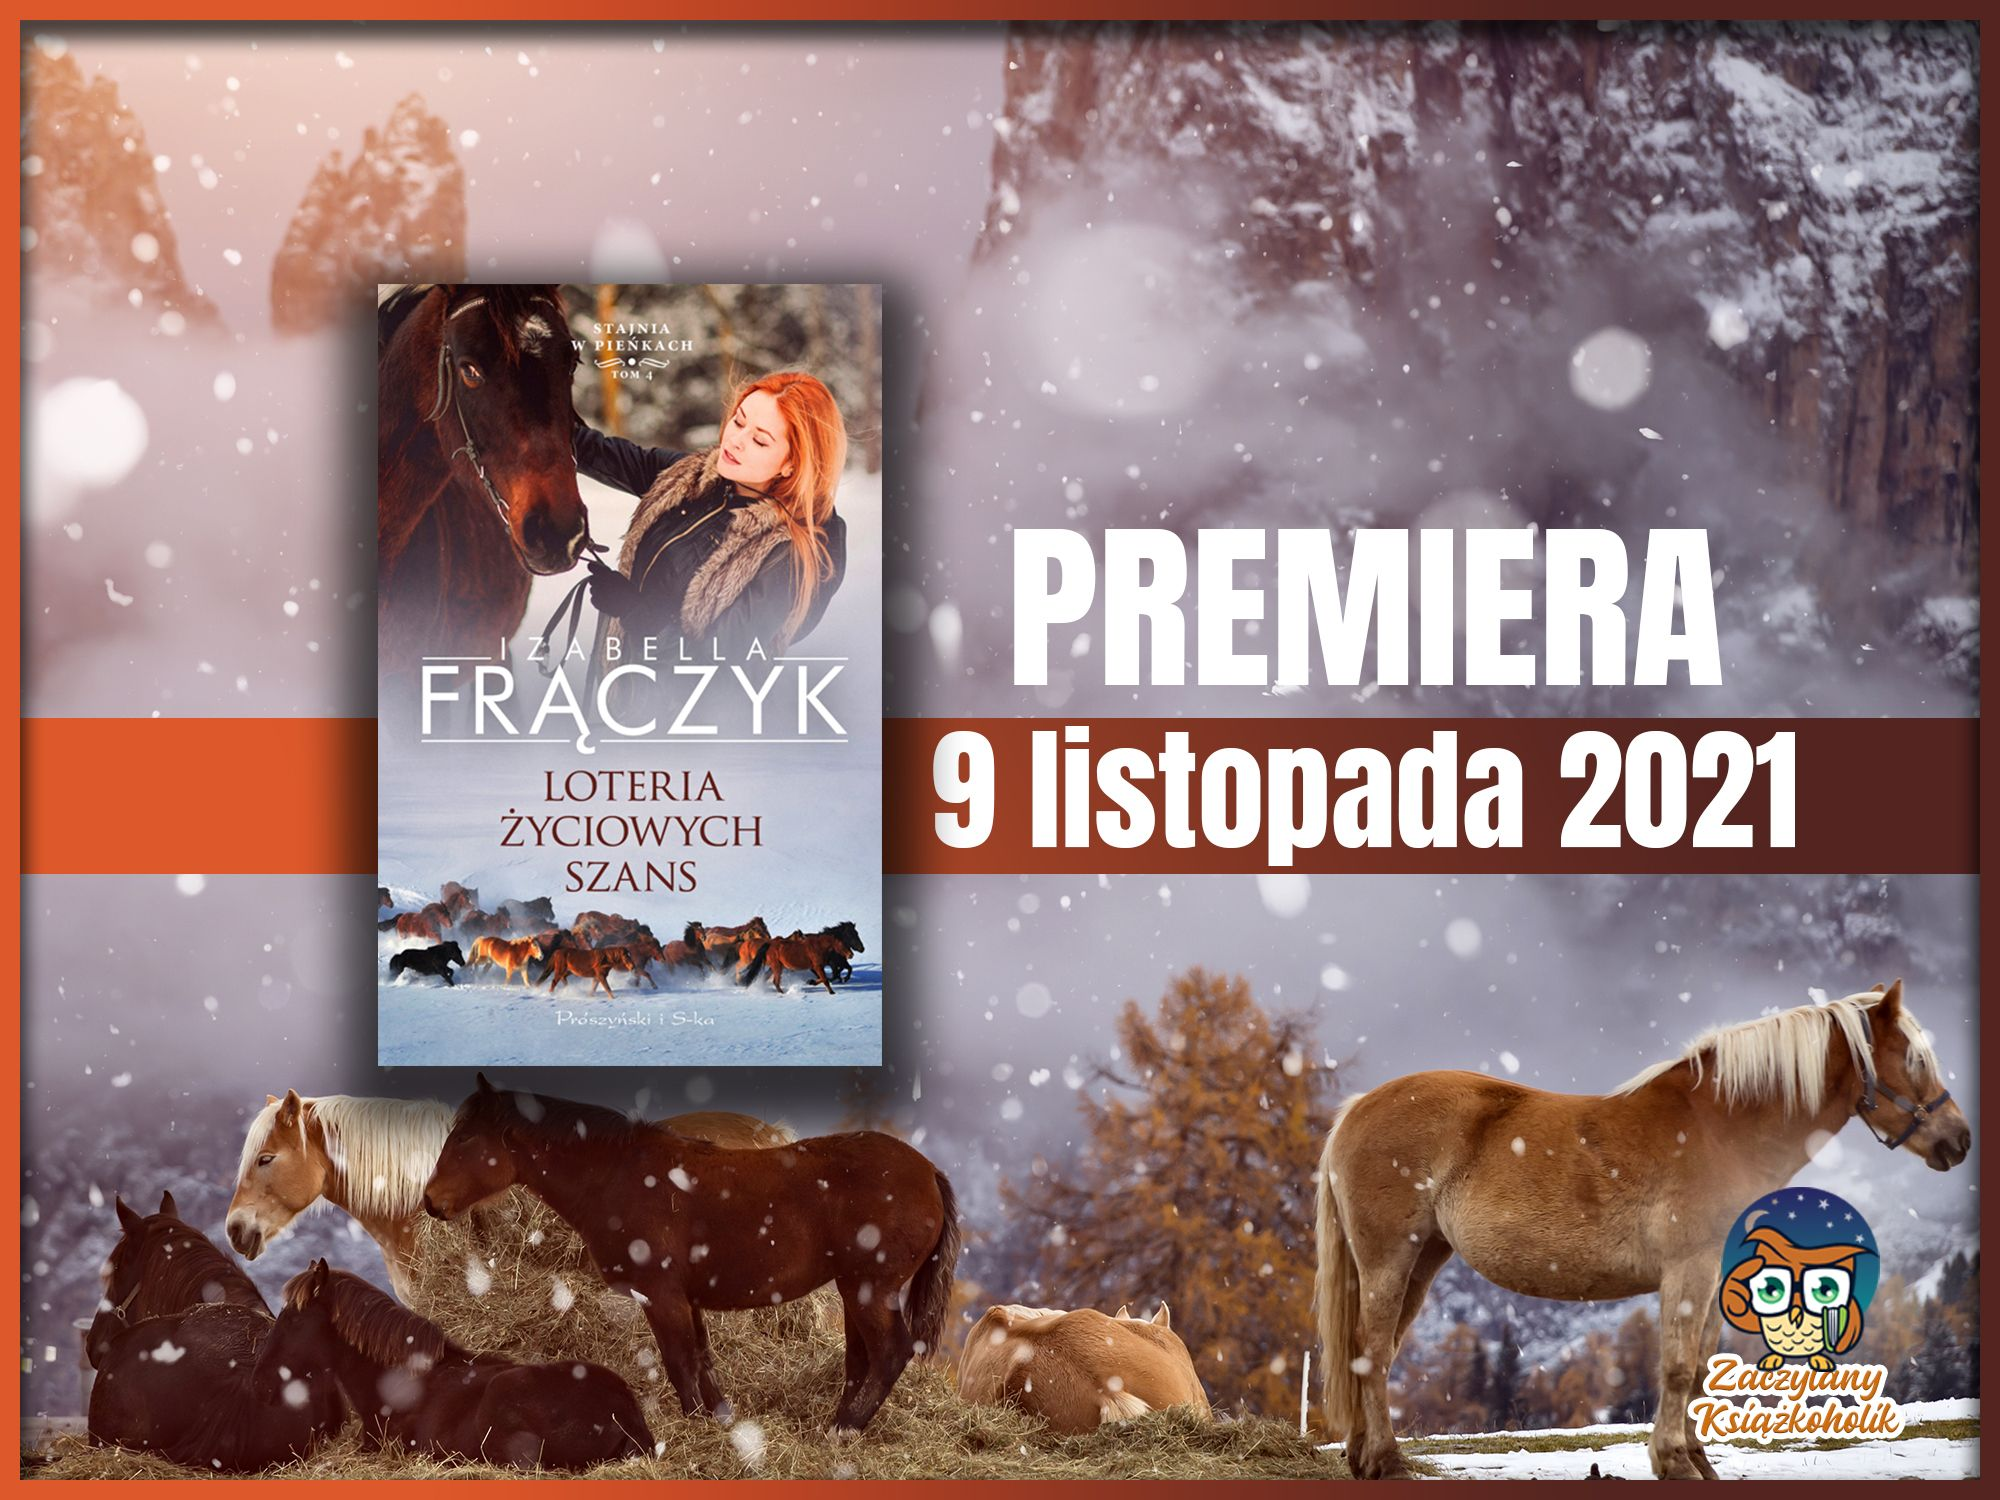 Loteria życiowych szans, Izabella Frączyk, zaczytanyksiazkoholik.pl